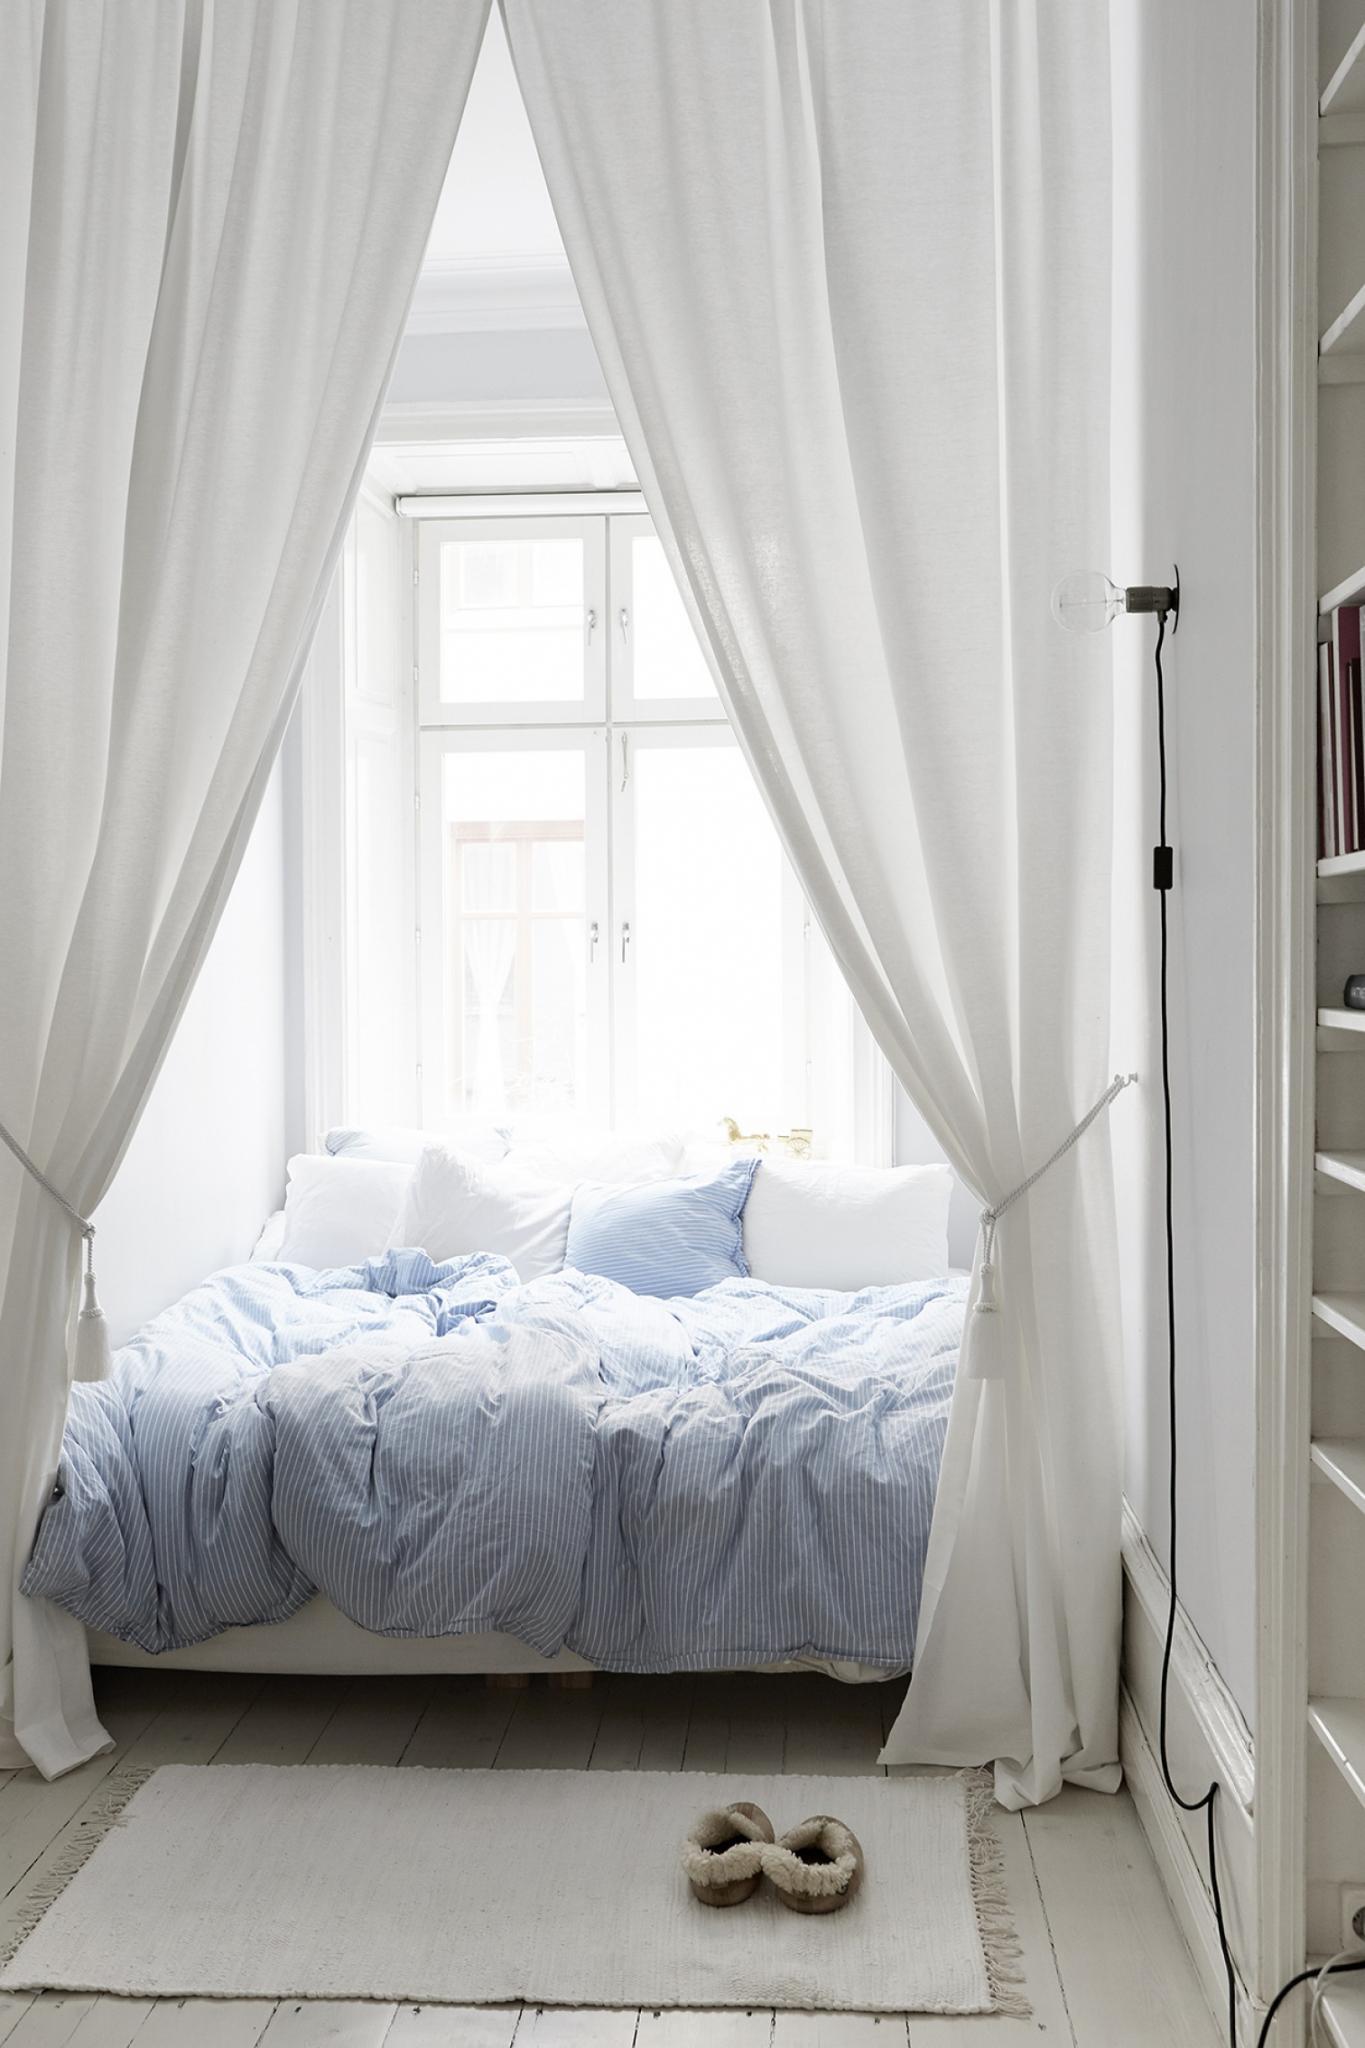 winterse-slaapkamer-stylingtips